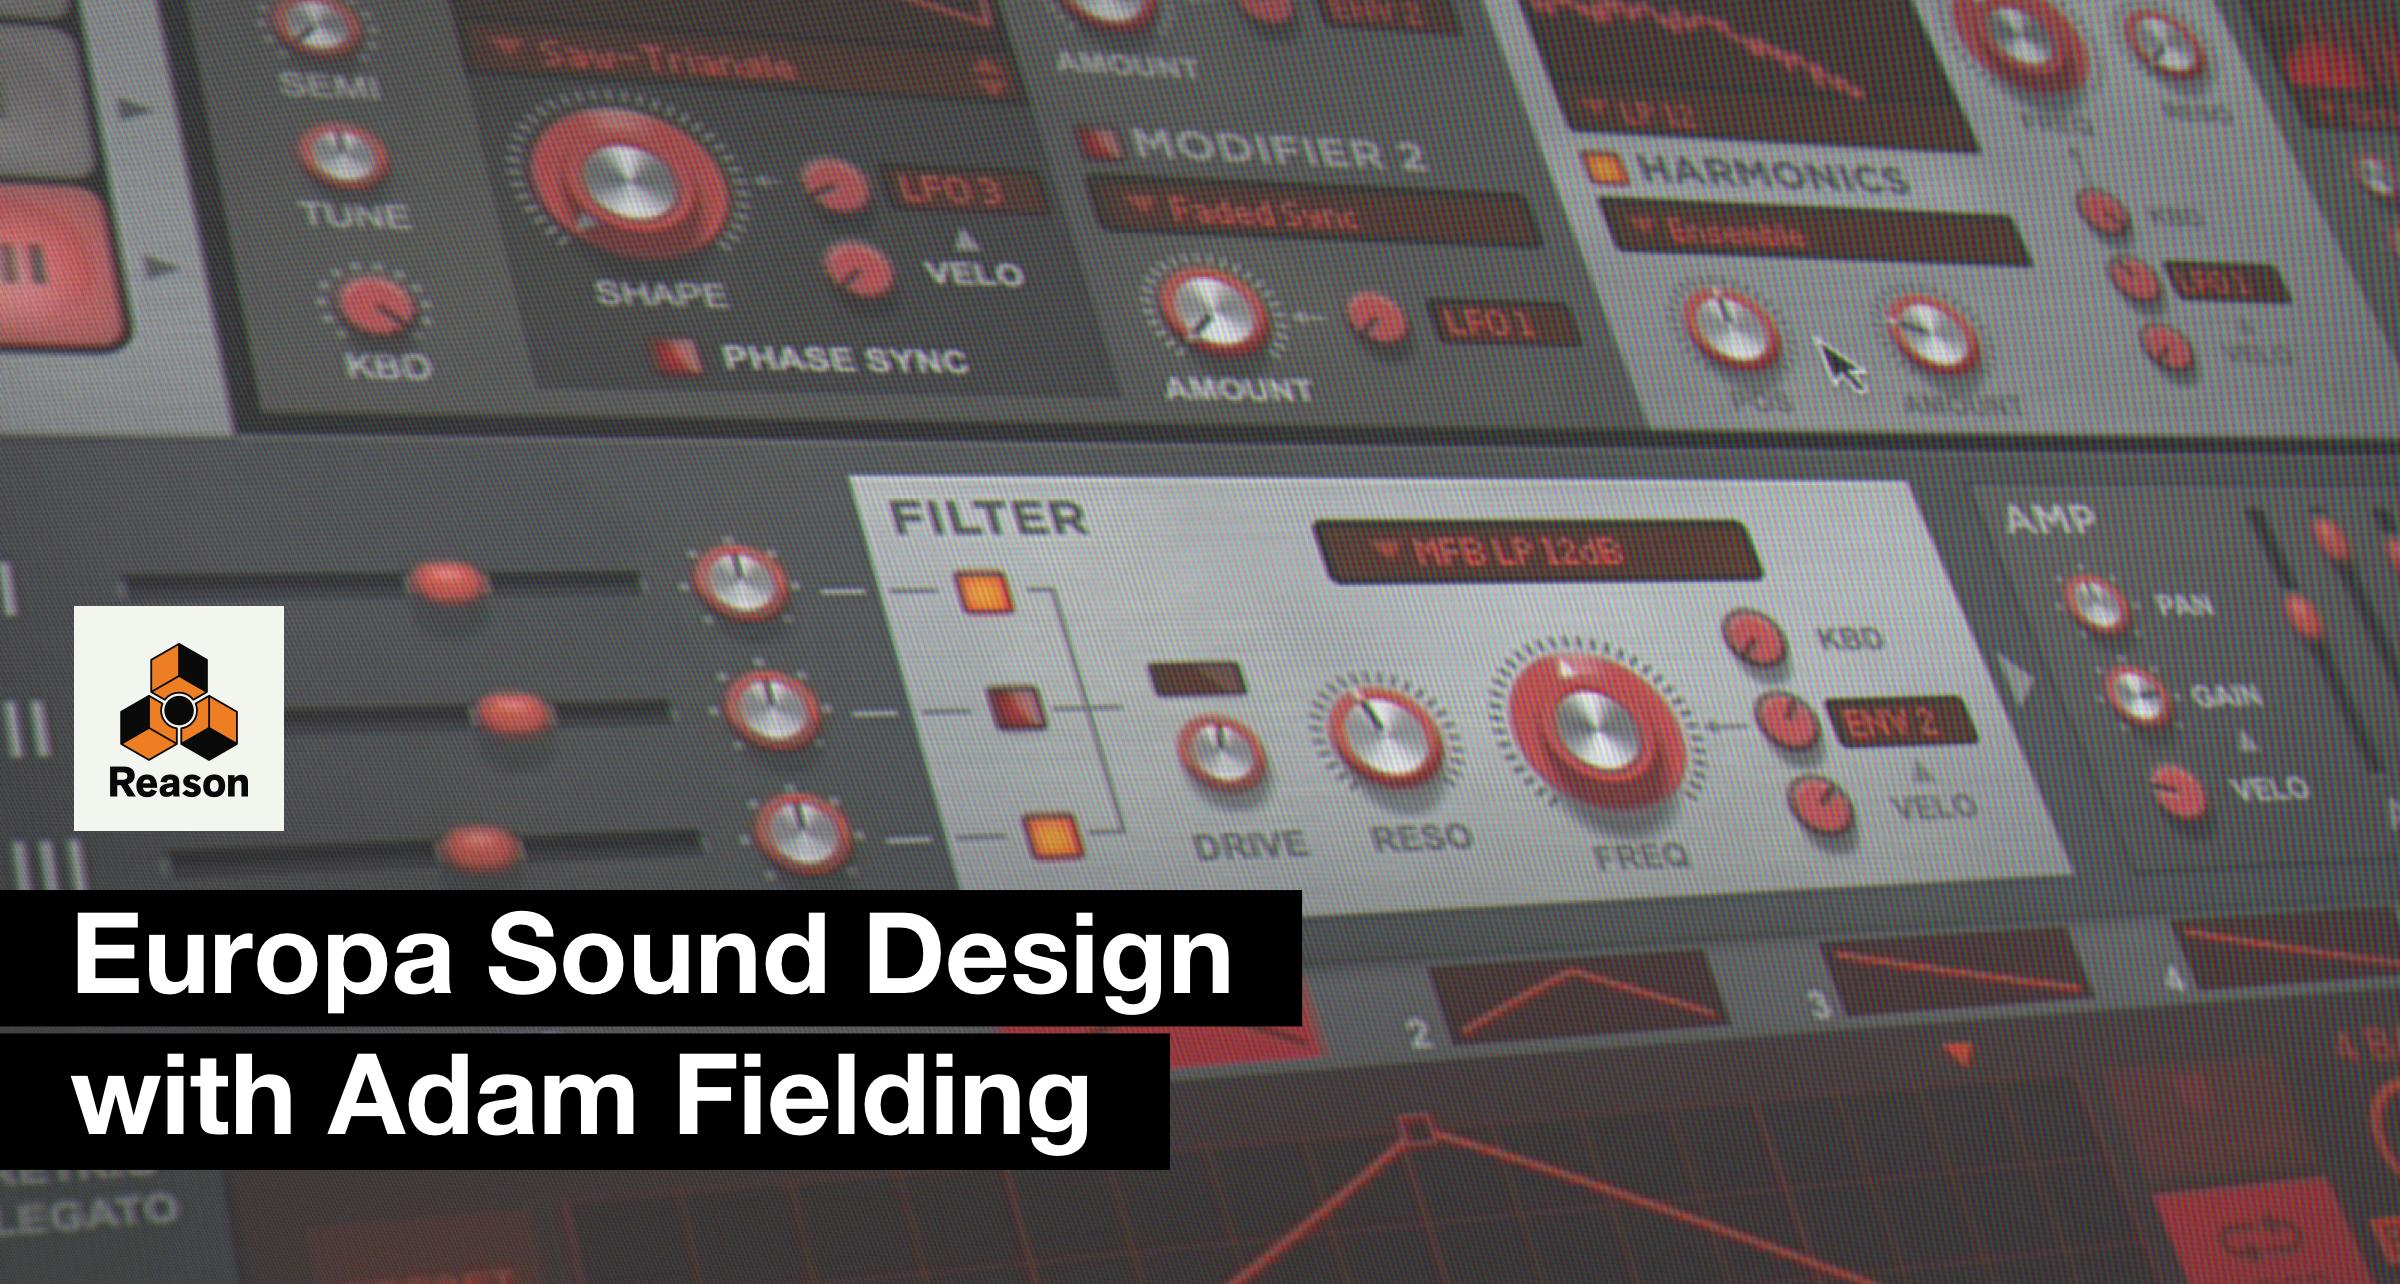 Europa Sound Design with Adam Fielding